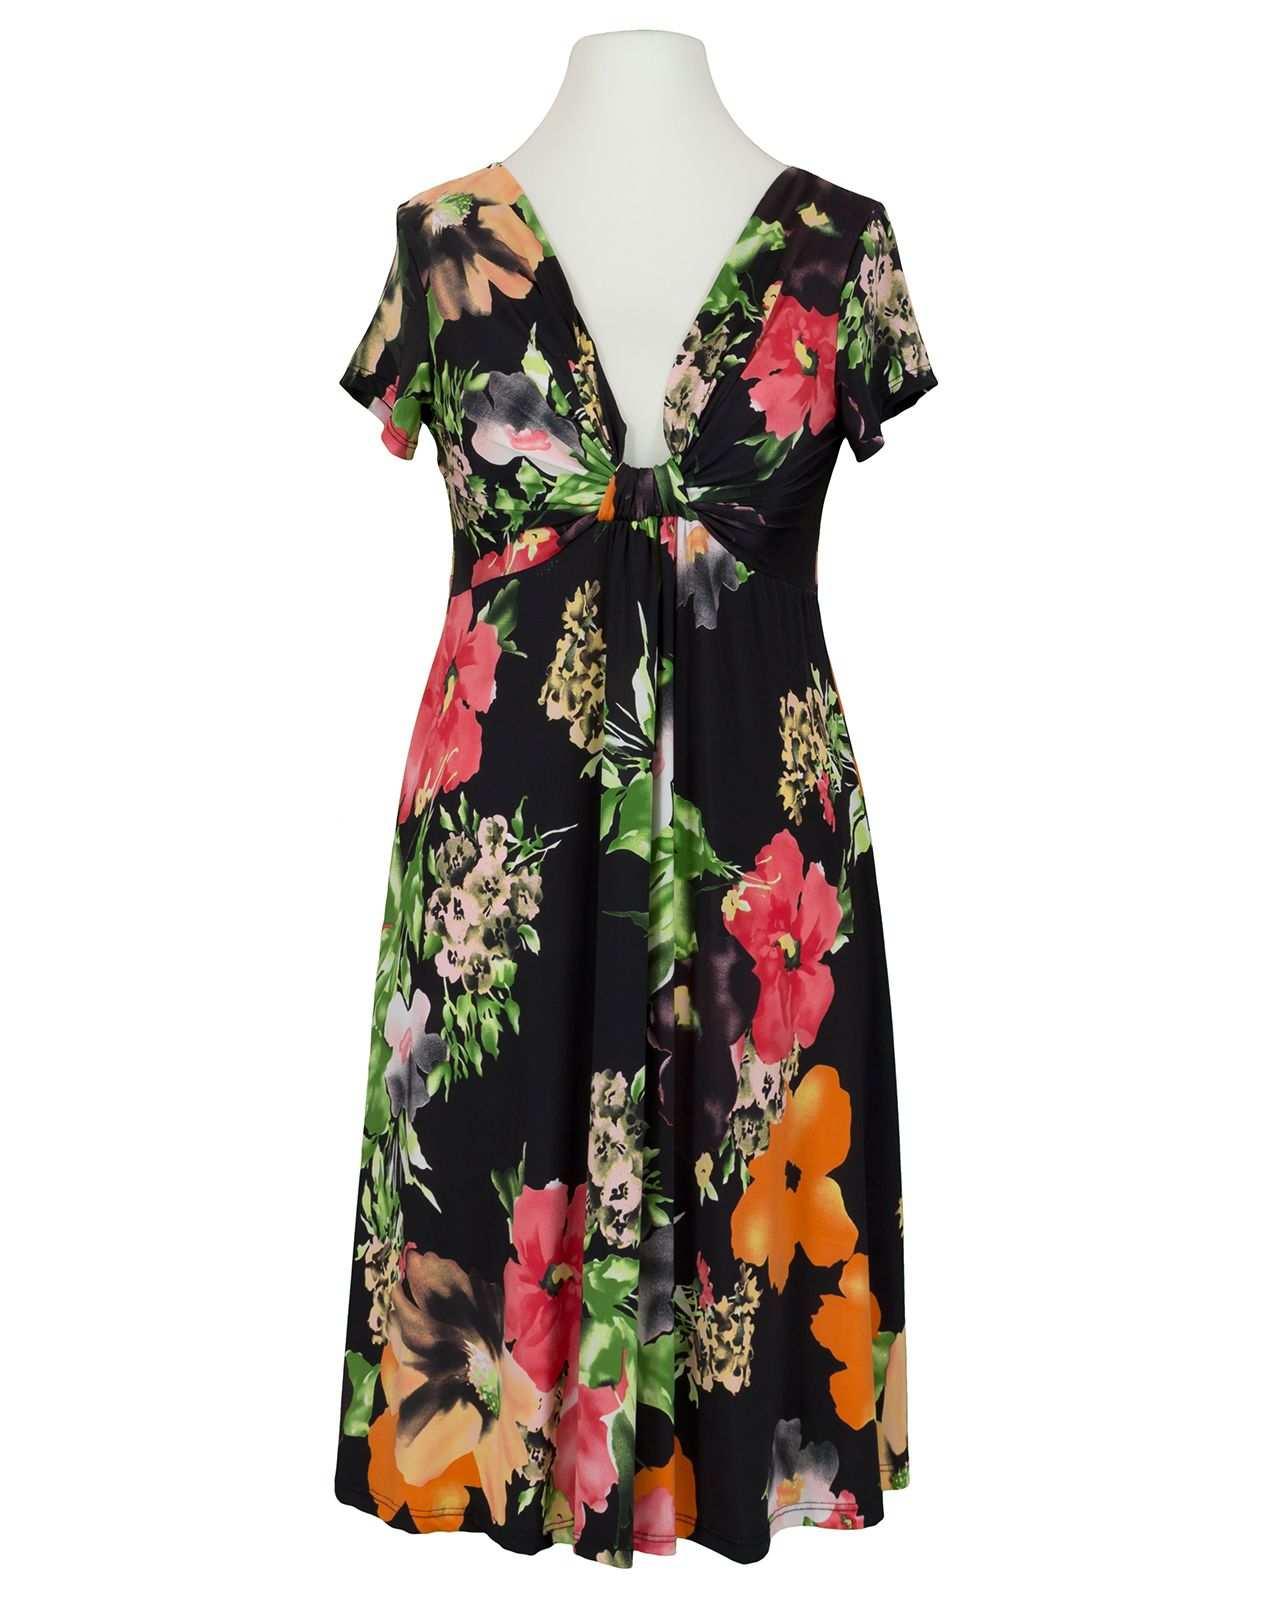 Jerseykleid Floral Schwarz Von Hello Moda In 2020 Kleid Mit Armel Modestil Kleider